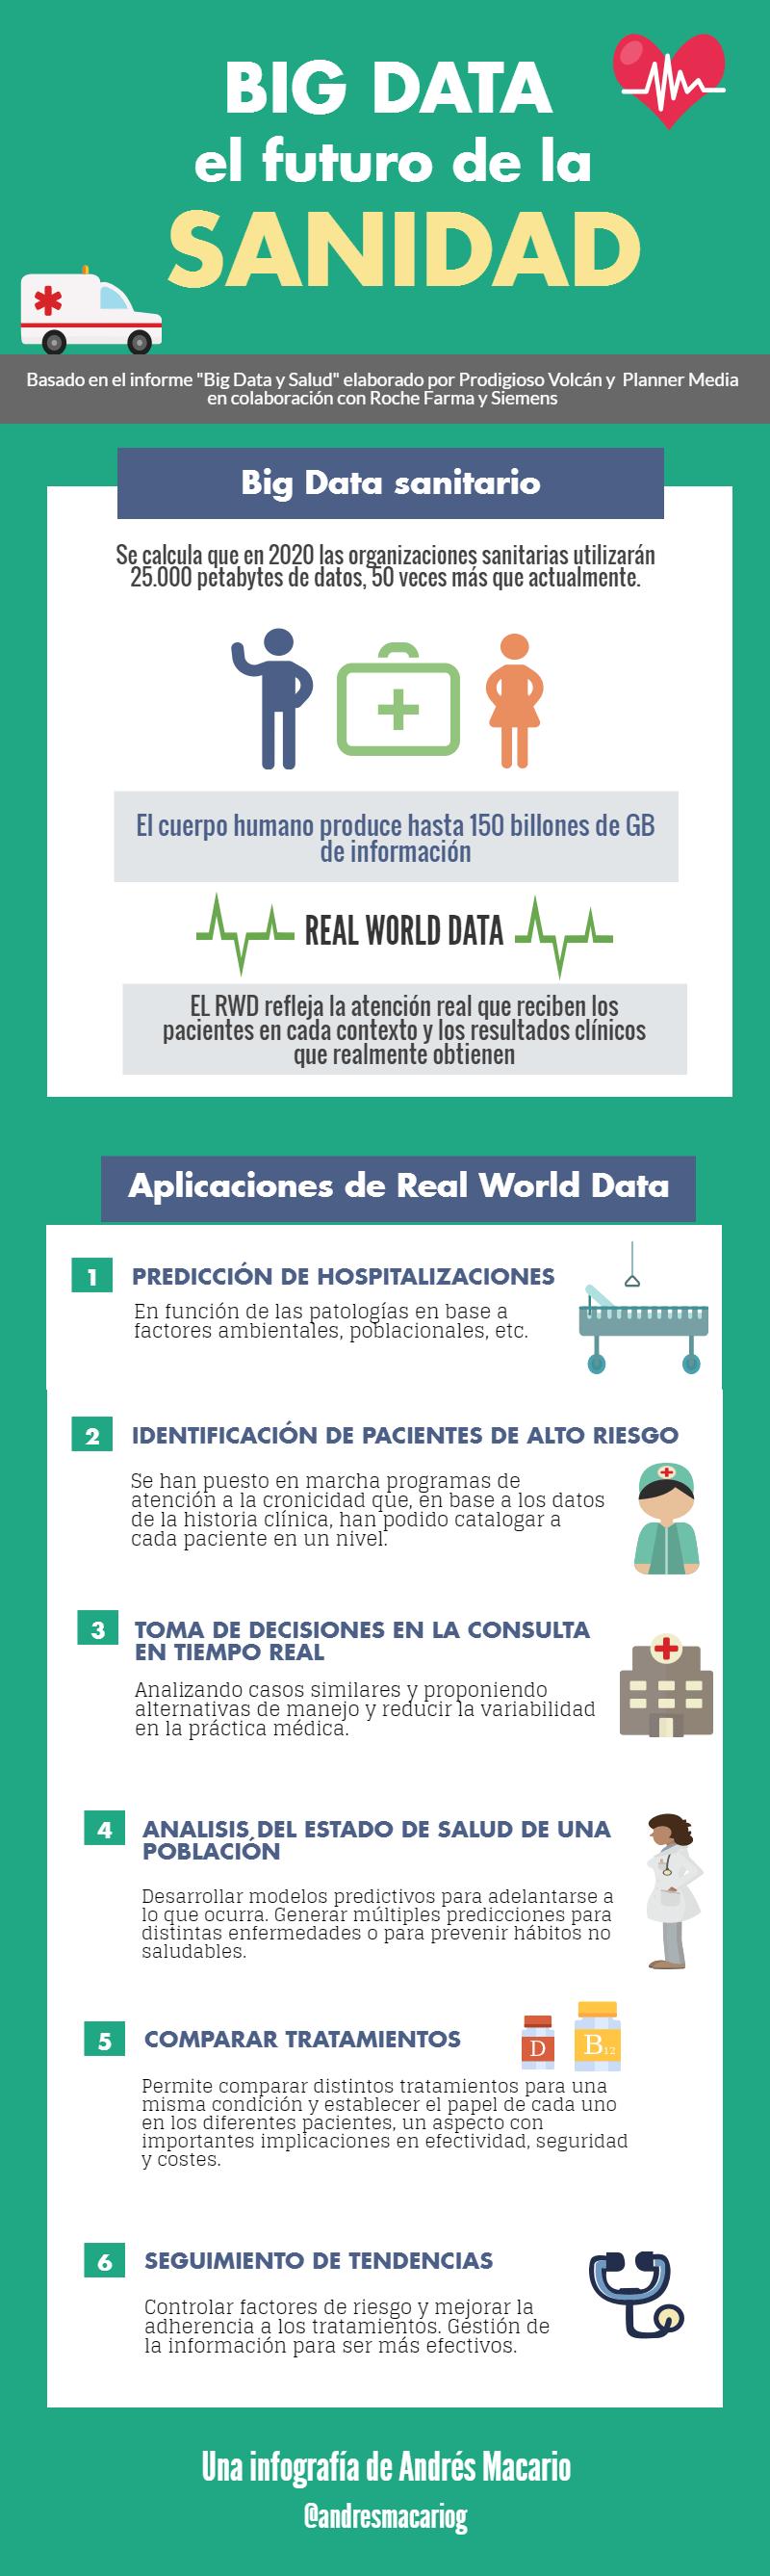 Big Data: el futuro de la Sanidad